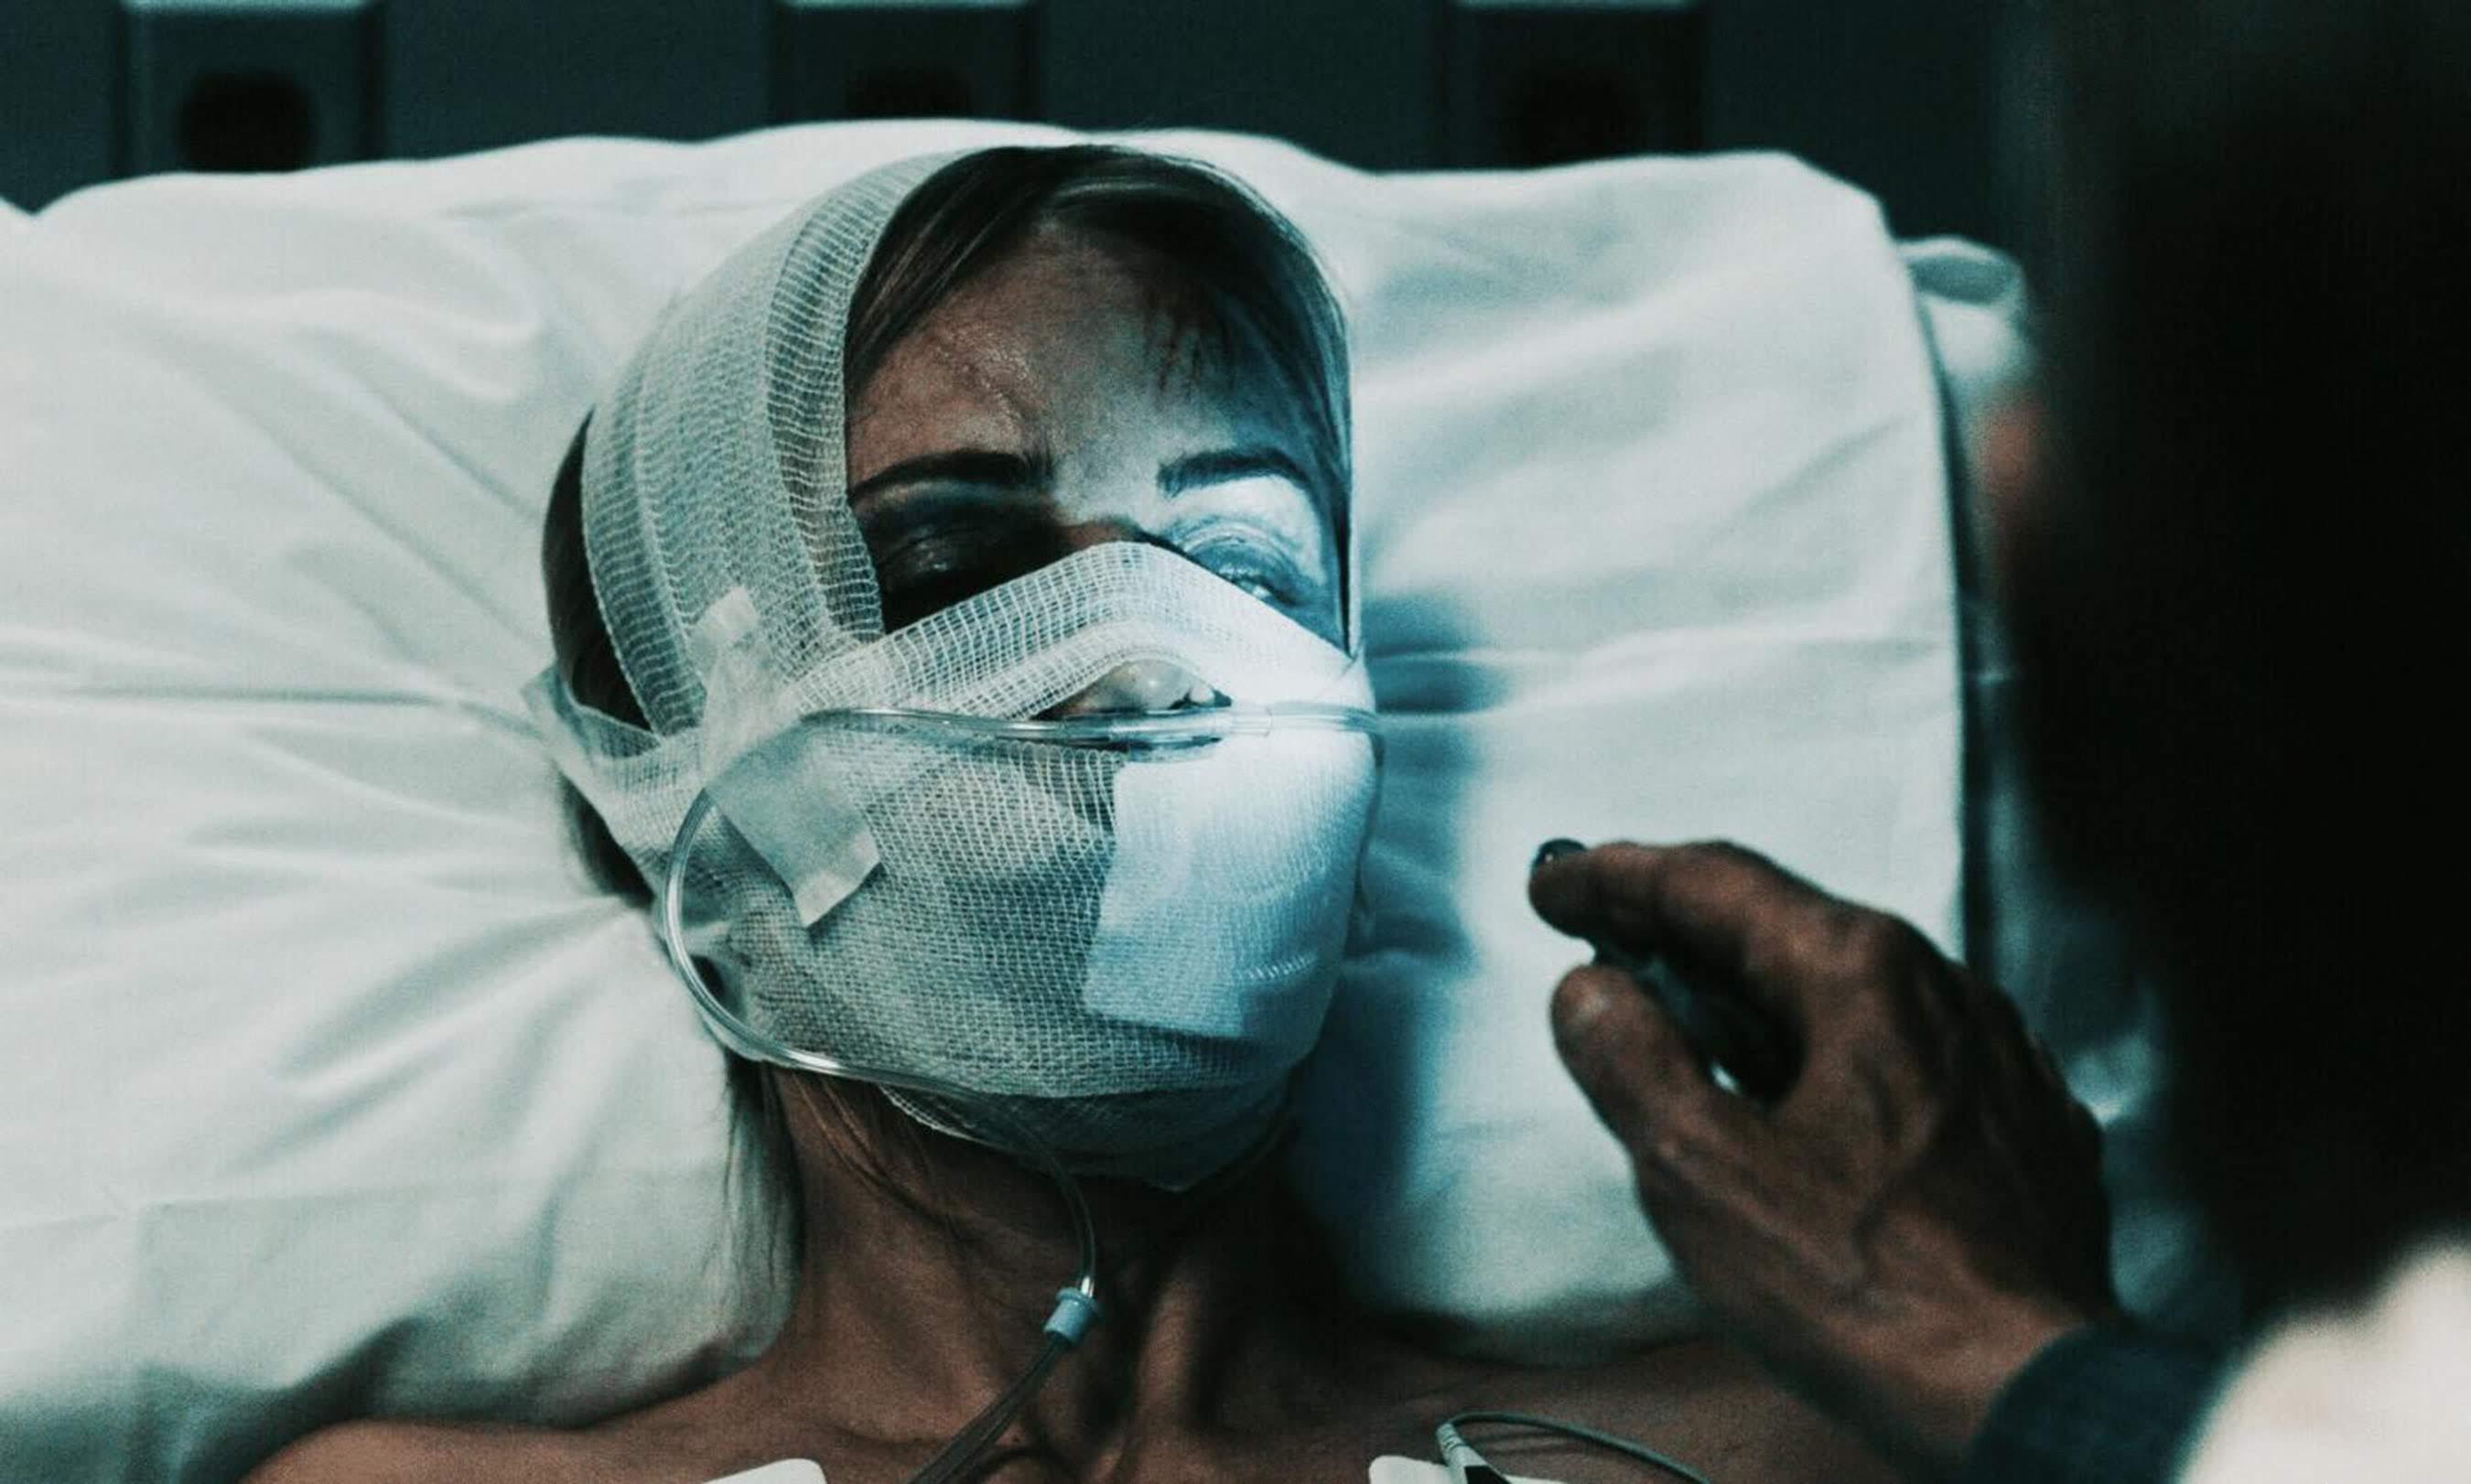 Rabid : 鬼才デヴィッド・クローネンバーグ監督の同名カルト・ホラーをリメイクした現代版「ラビッド」の予告編を初公開 ! !